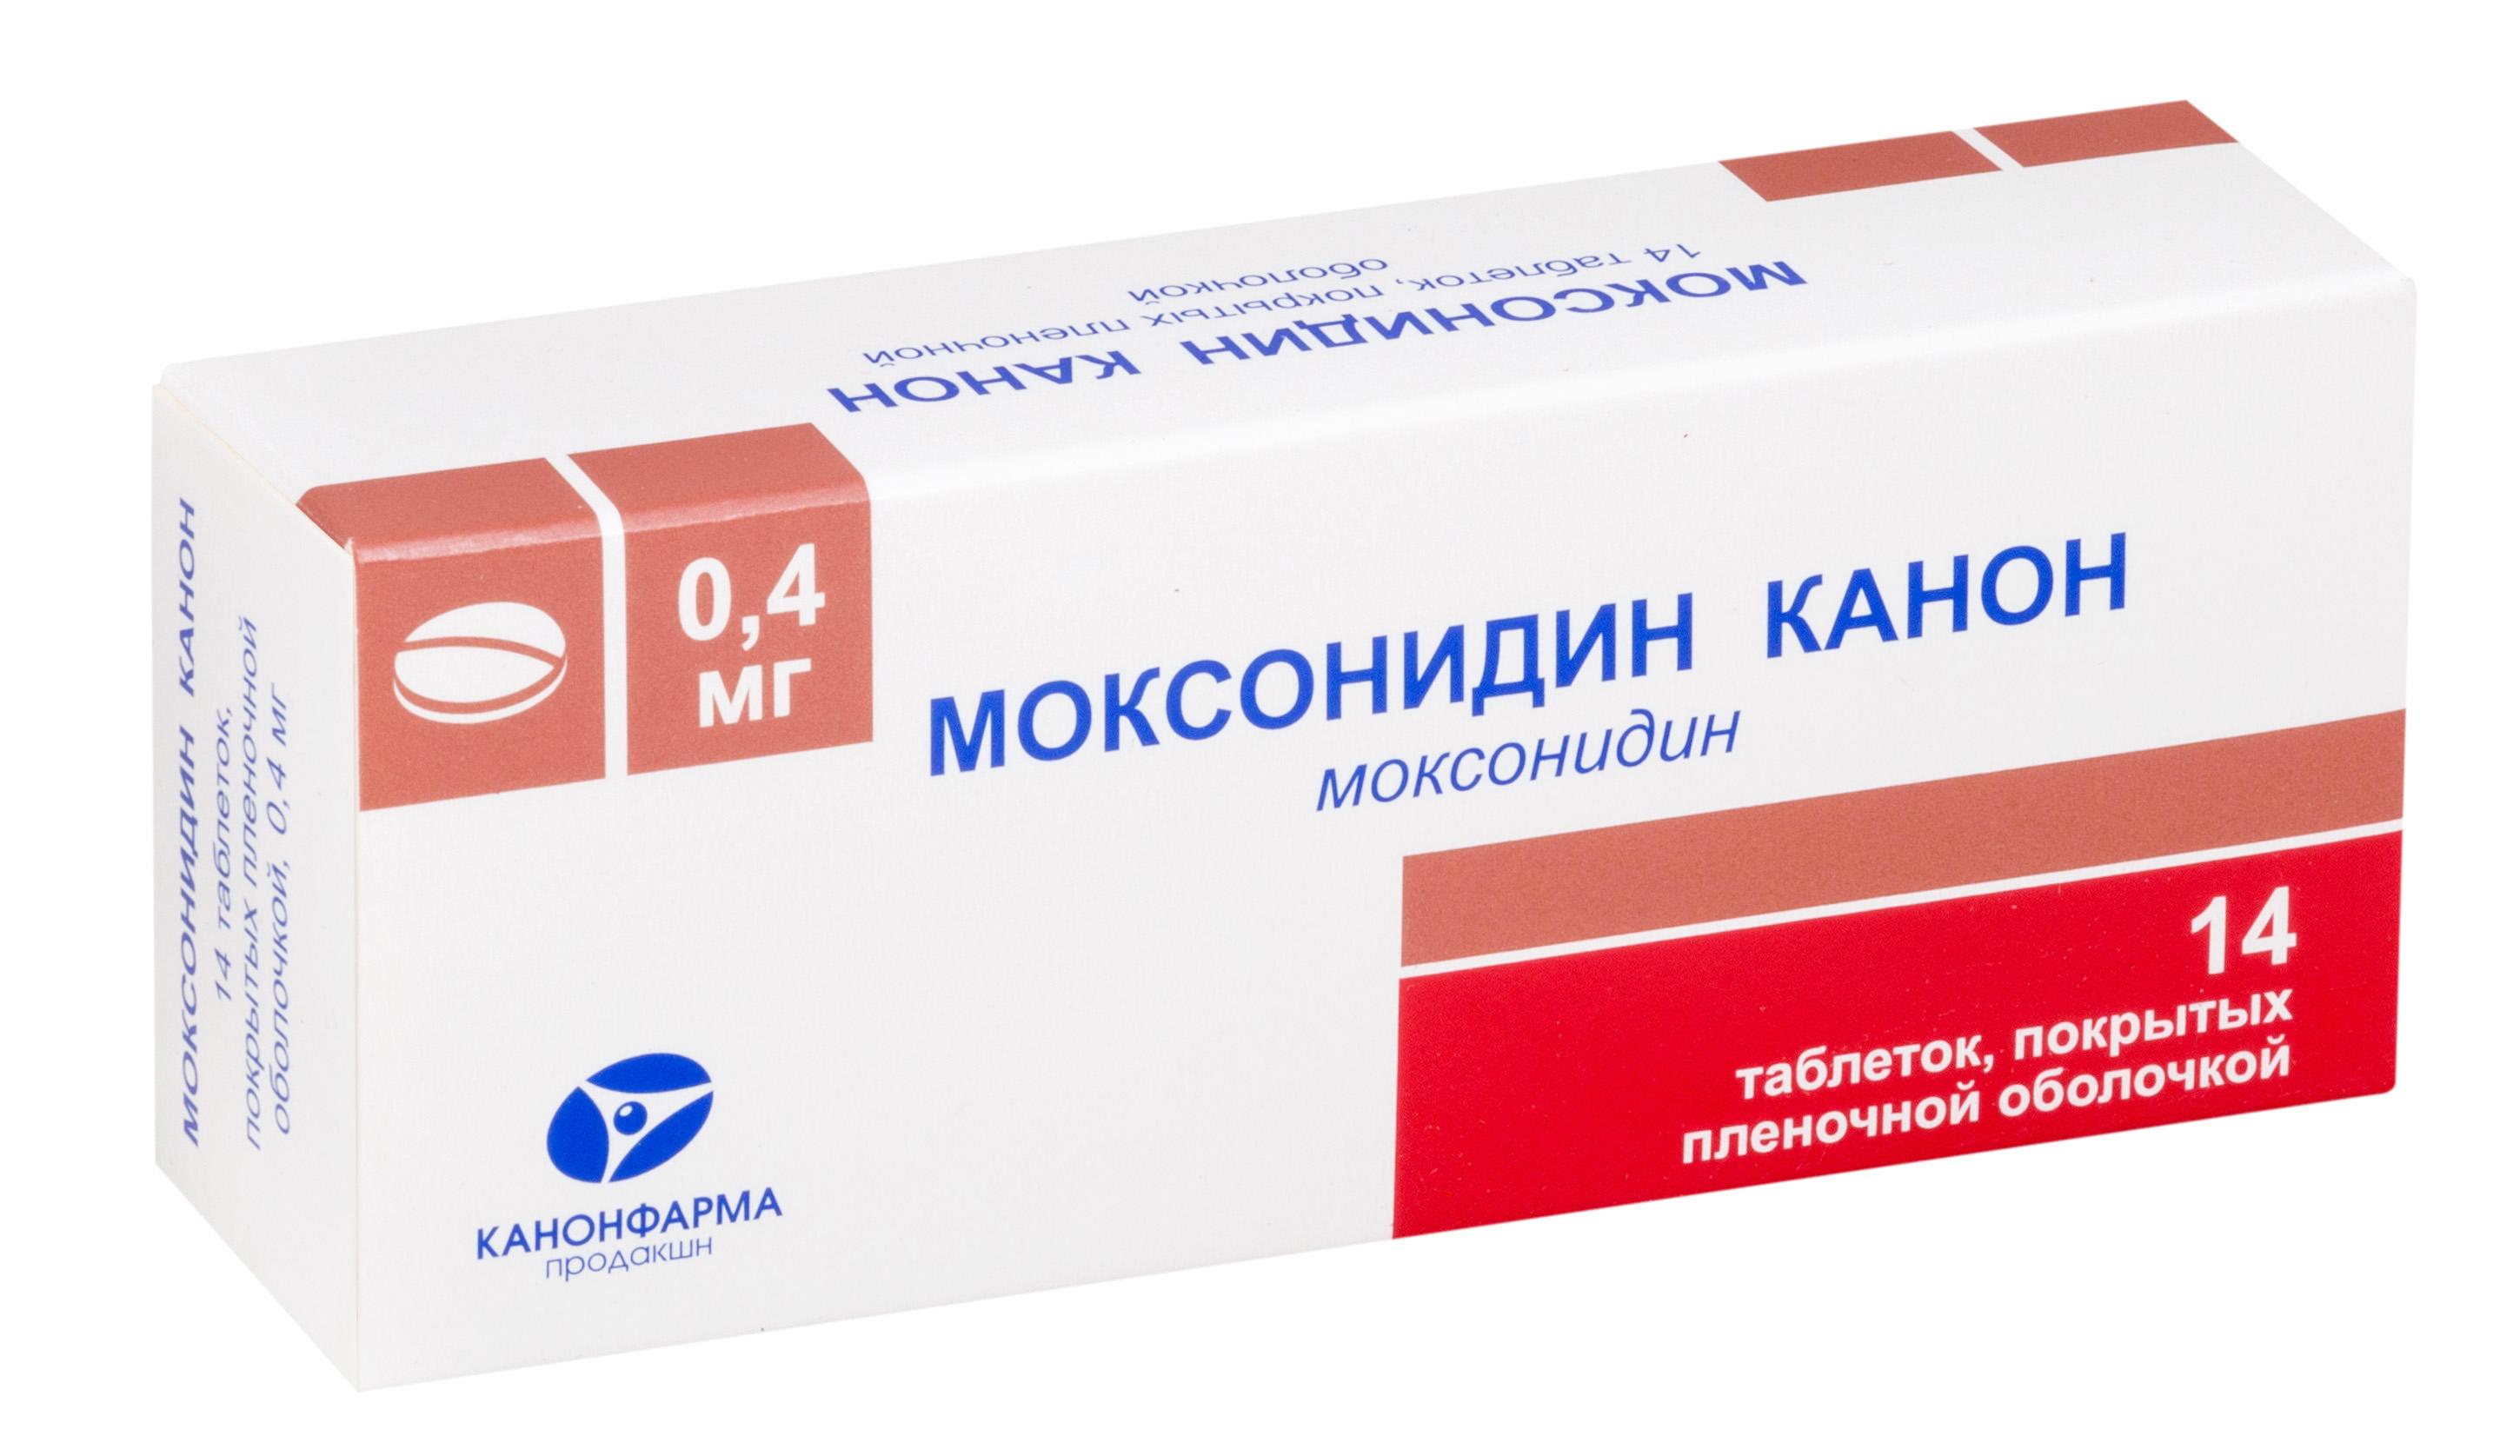 Моксонидин Канон табл. п.п.о. 0,4 мг №14